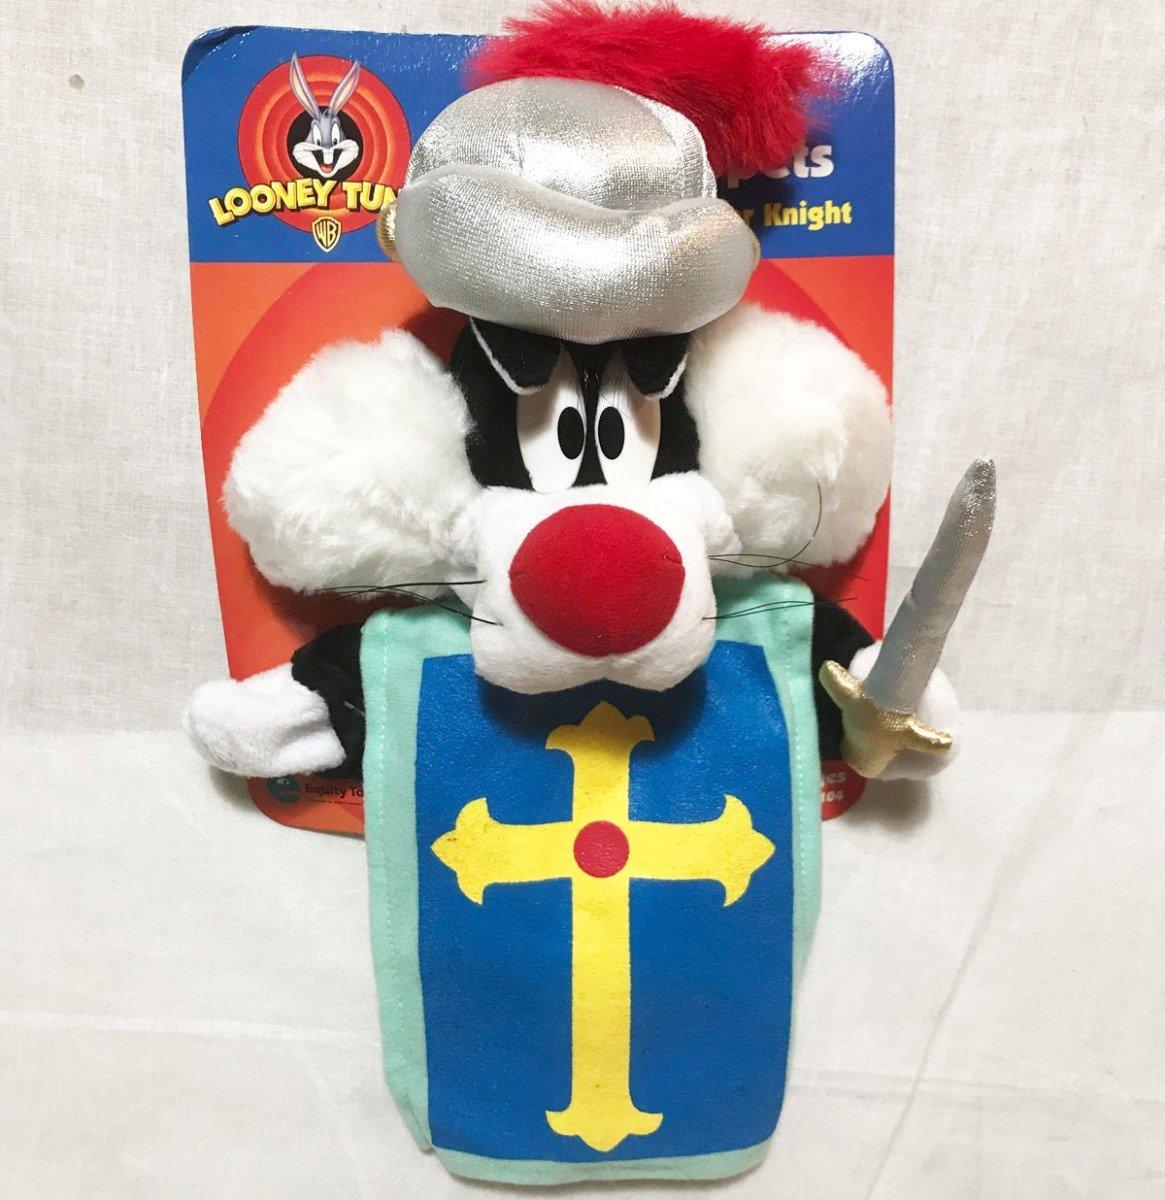 Looney Tunes Sylvester Als Ridder Poppekast-pop